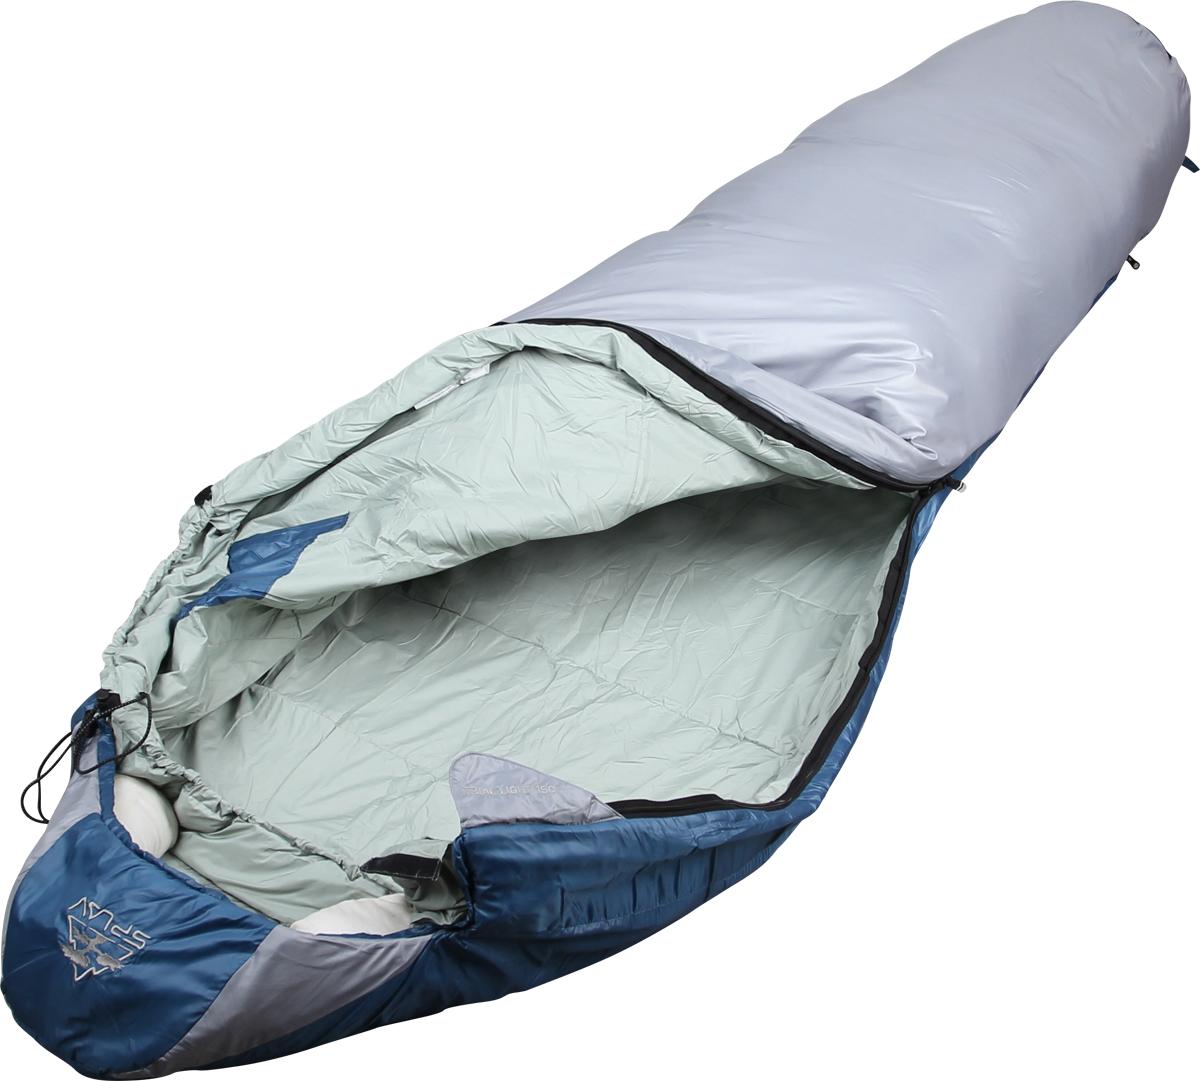 Спальный мешок Сплав Trial Light 150, левосторонняя молния, цвет: серый, 240 x 85 x 60 см